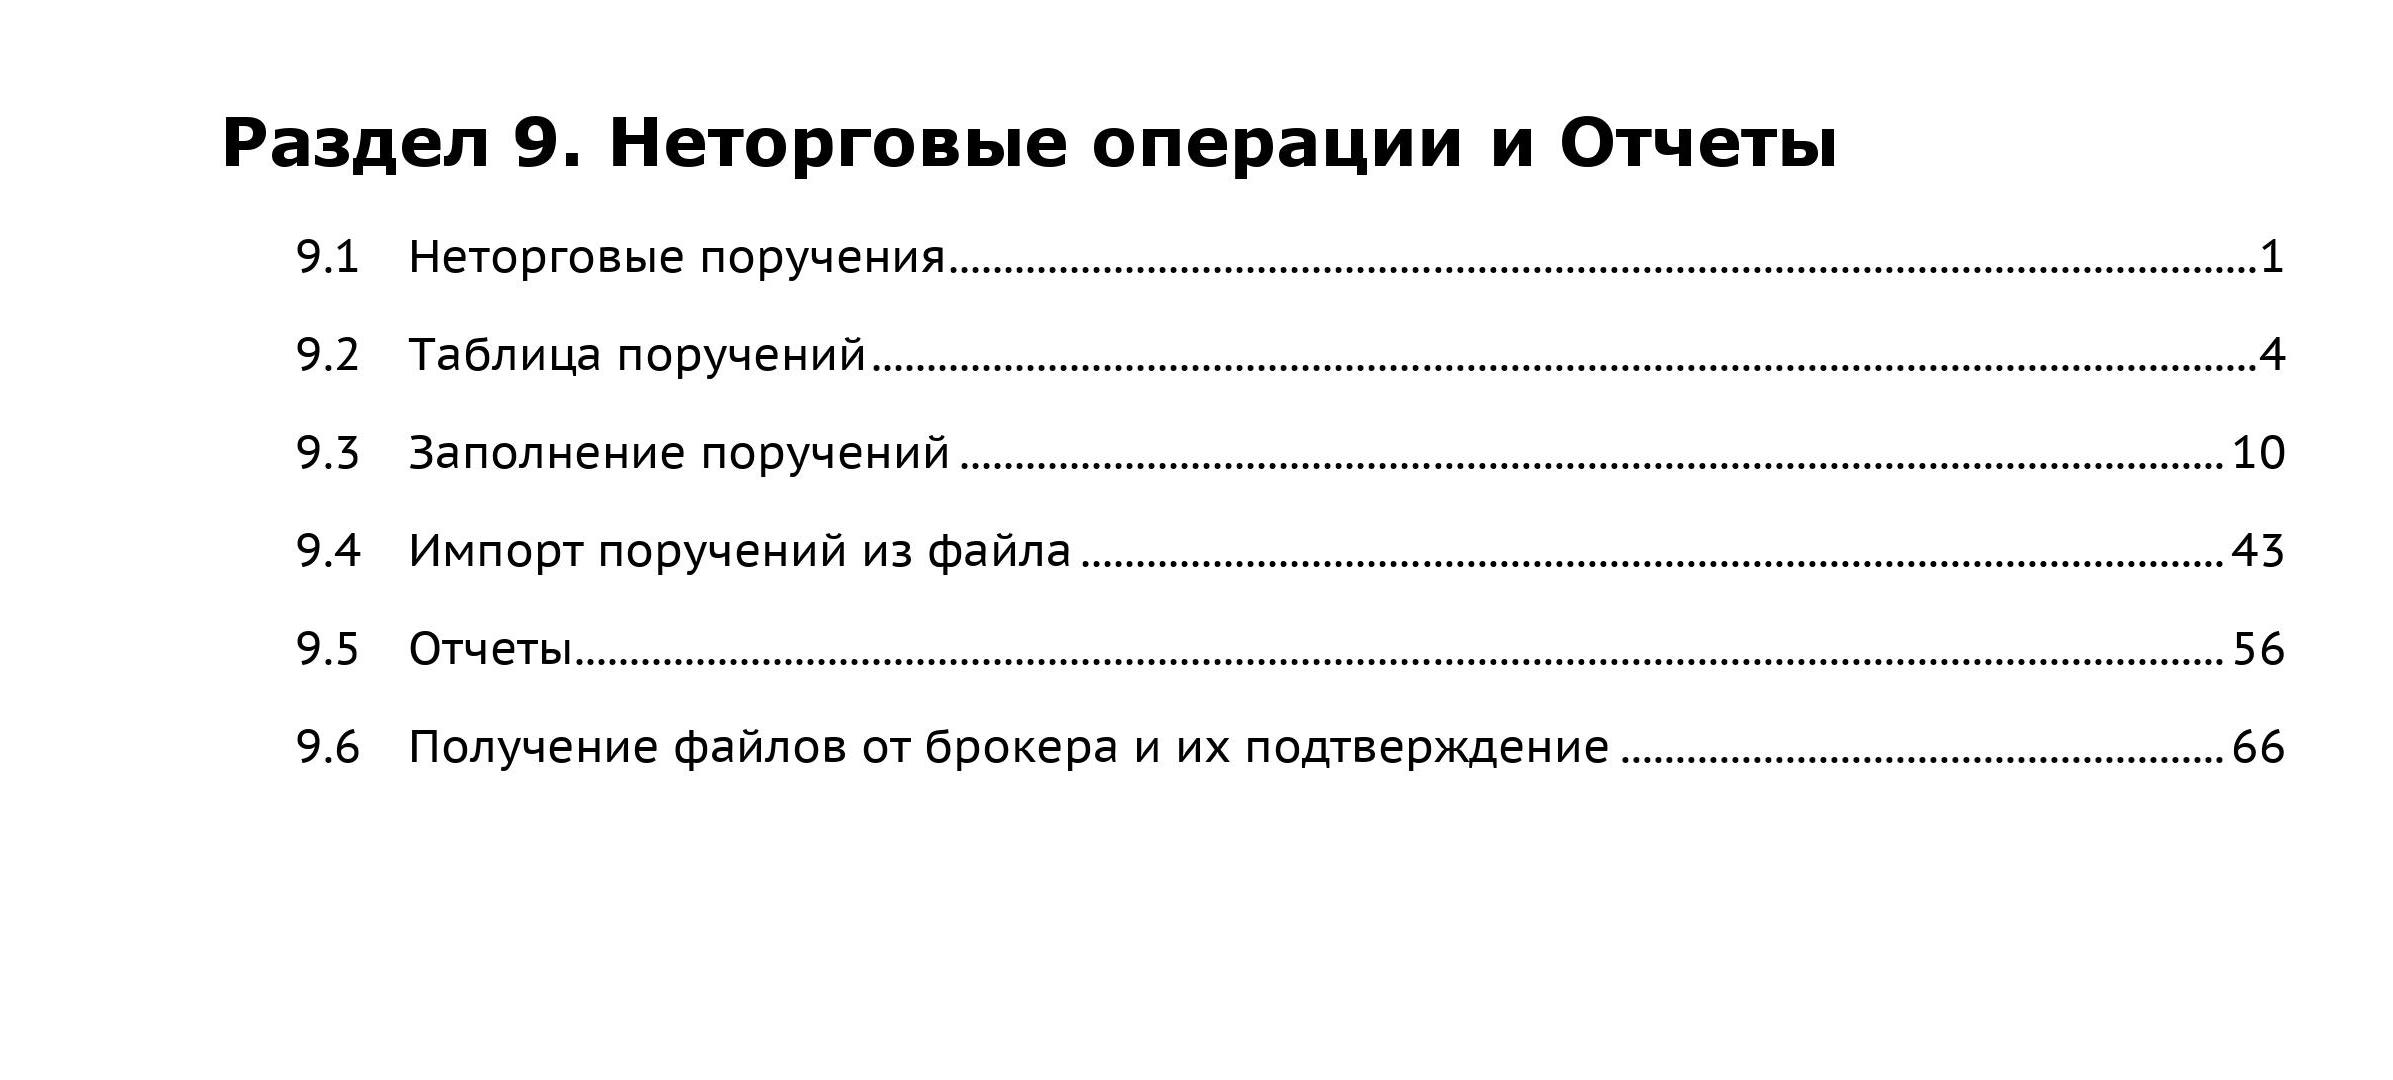 Подробной инструкции по работе с платформой стр. 7